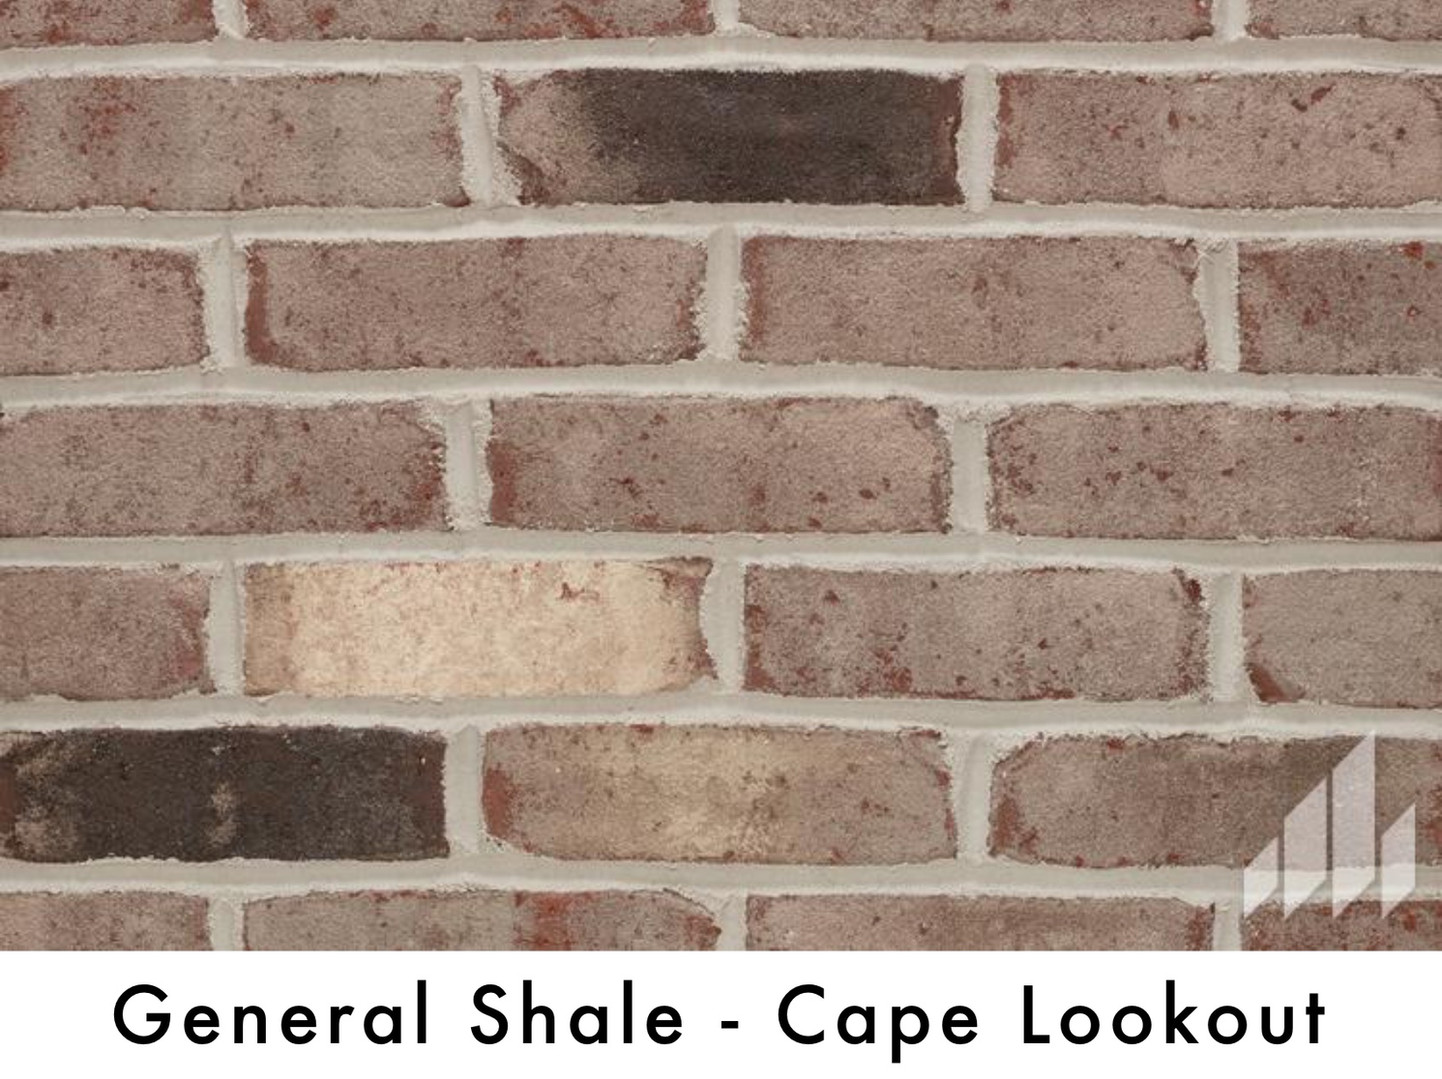 General Shale - Cape Lookout